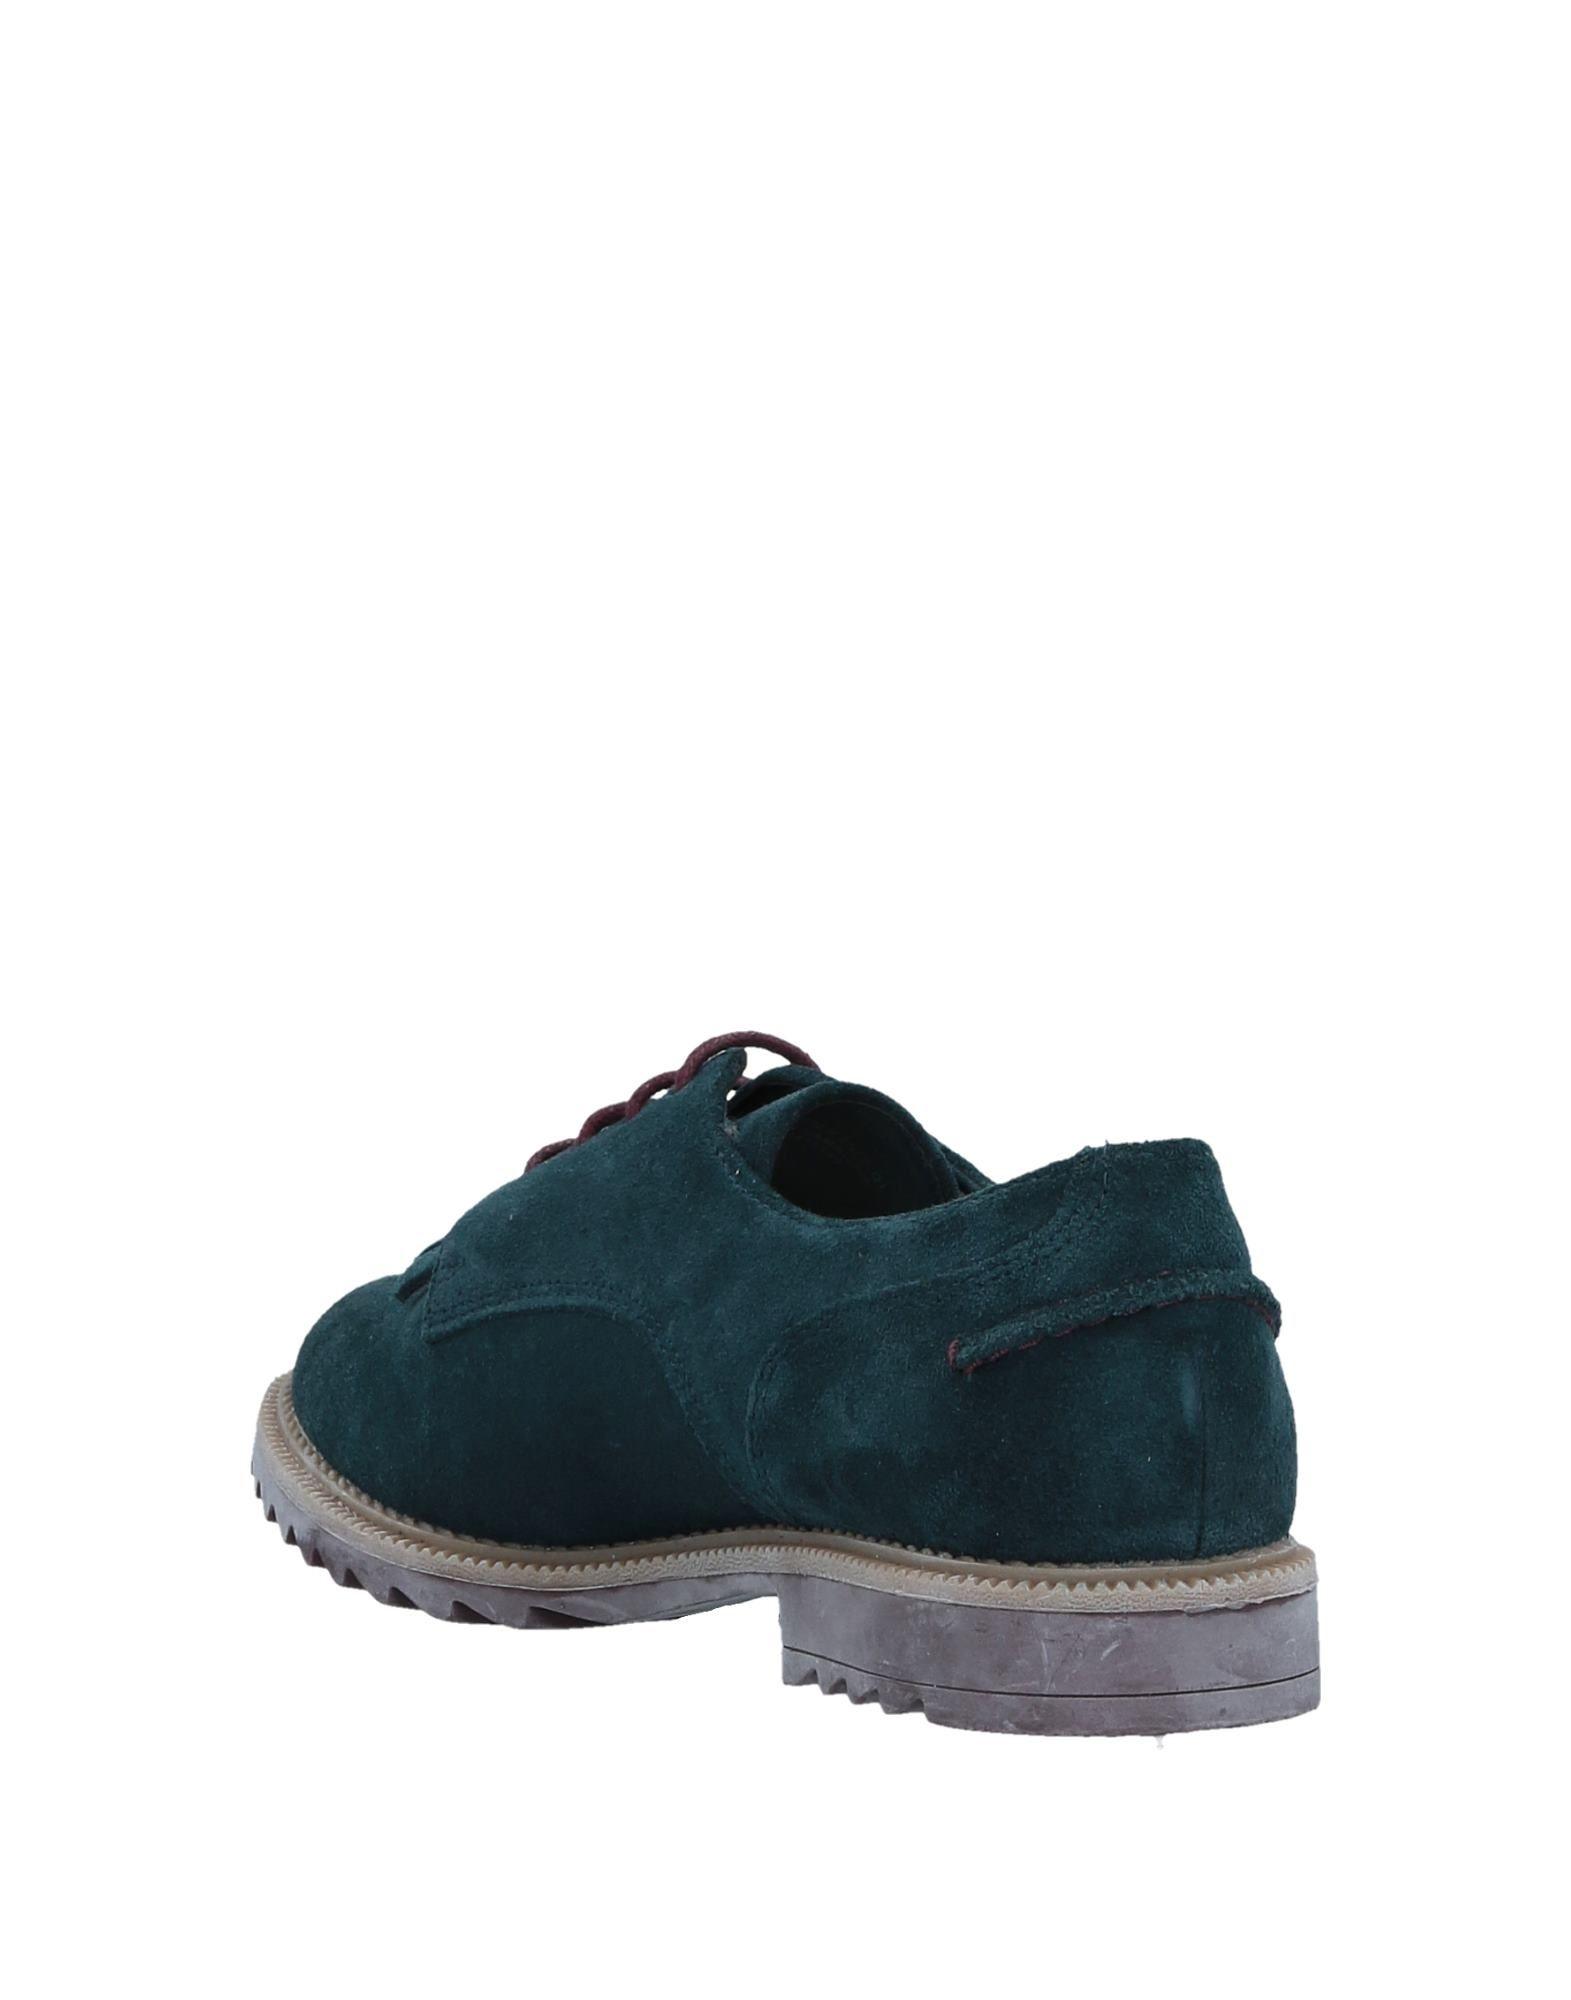 Clarks Schnürschuhe Damen 11521749RB 11521749RB Damen Gute Qualität beliebte Schuhe a384e3